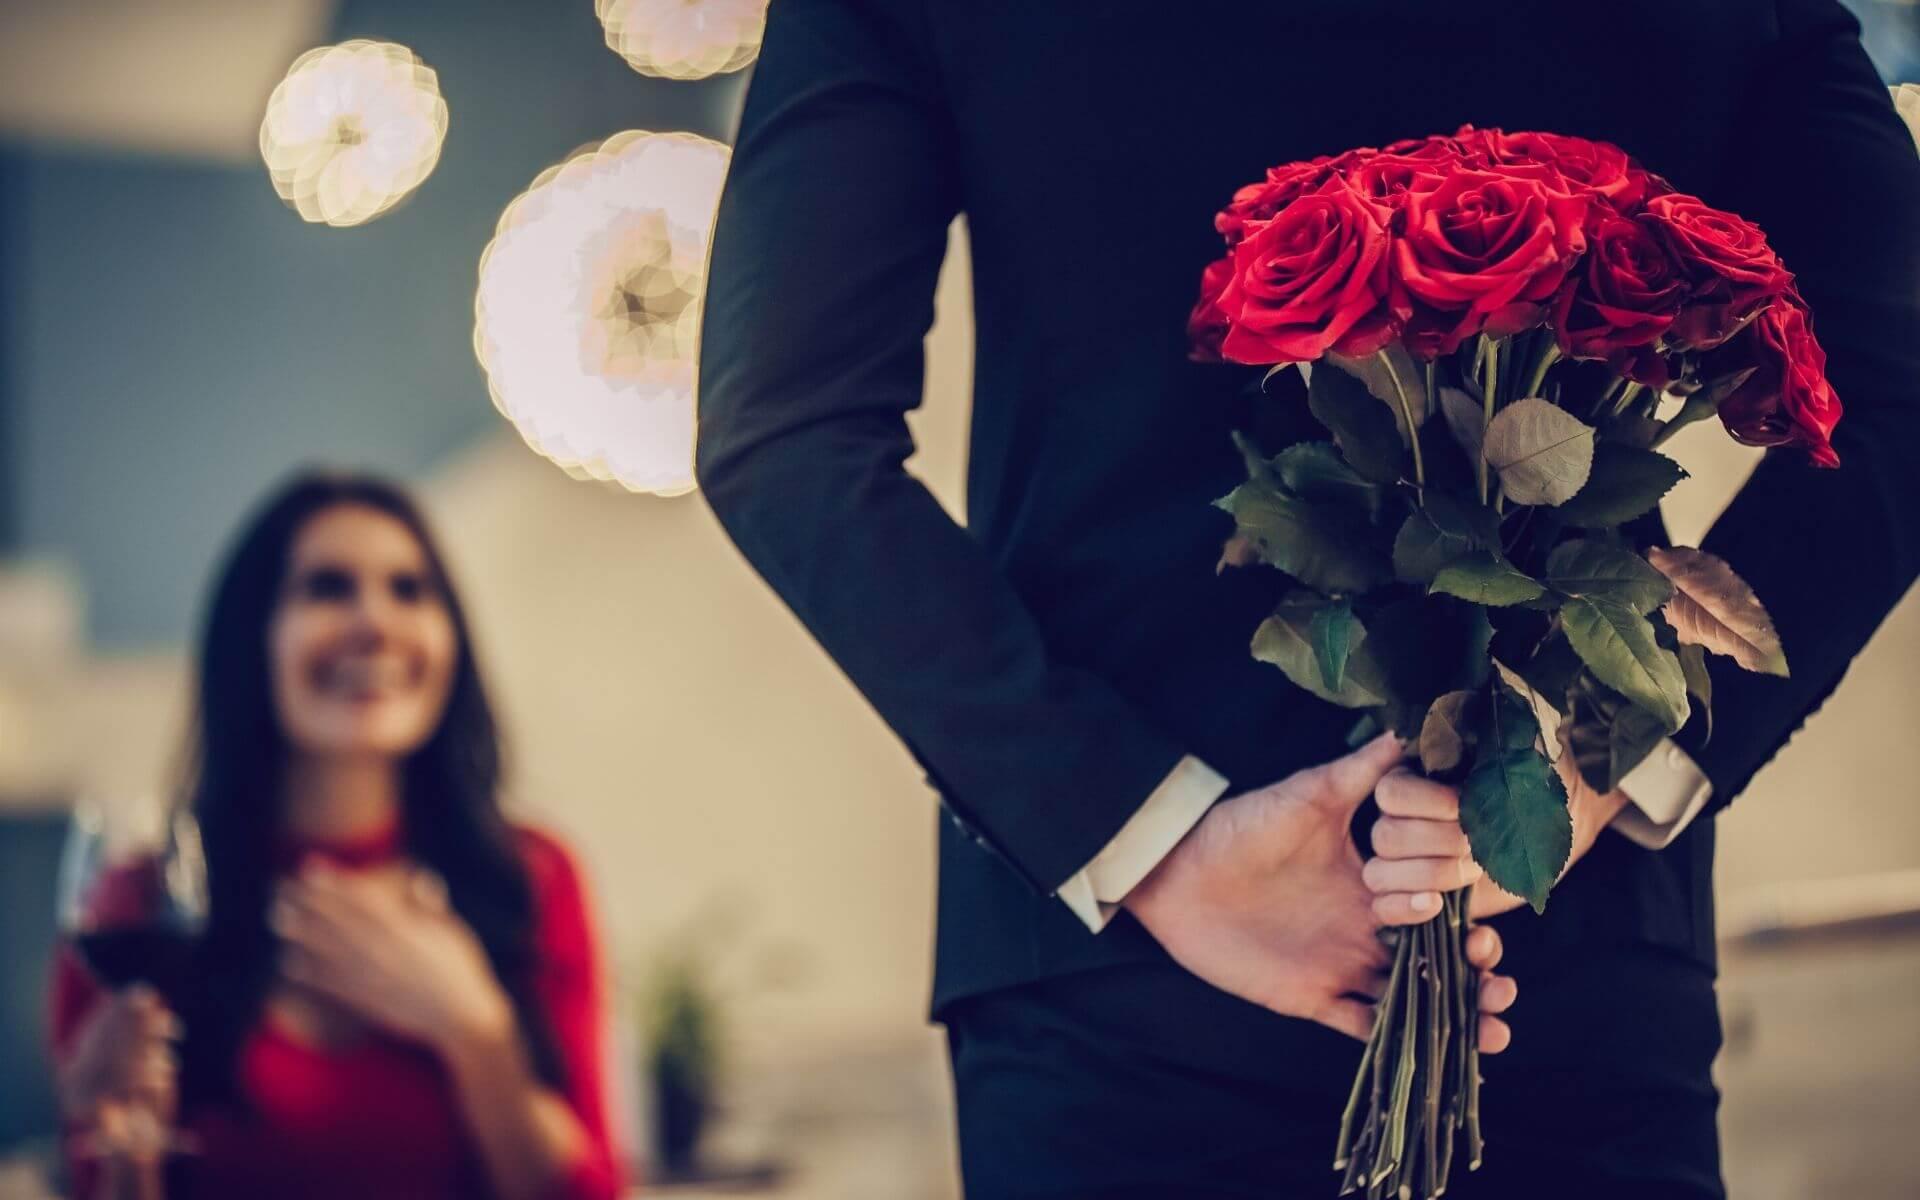 Mann überrascht Frau mit Rosen